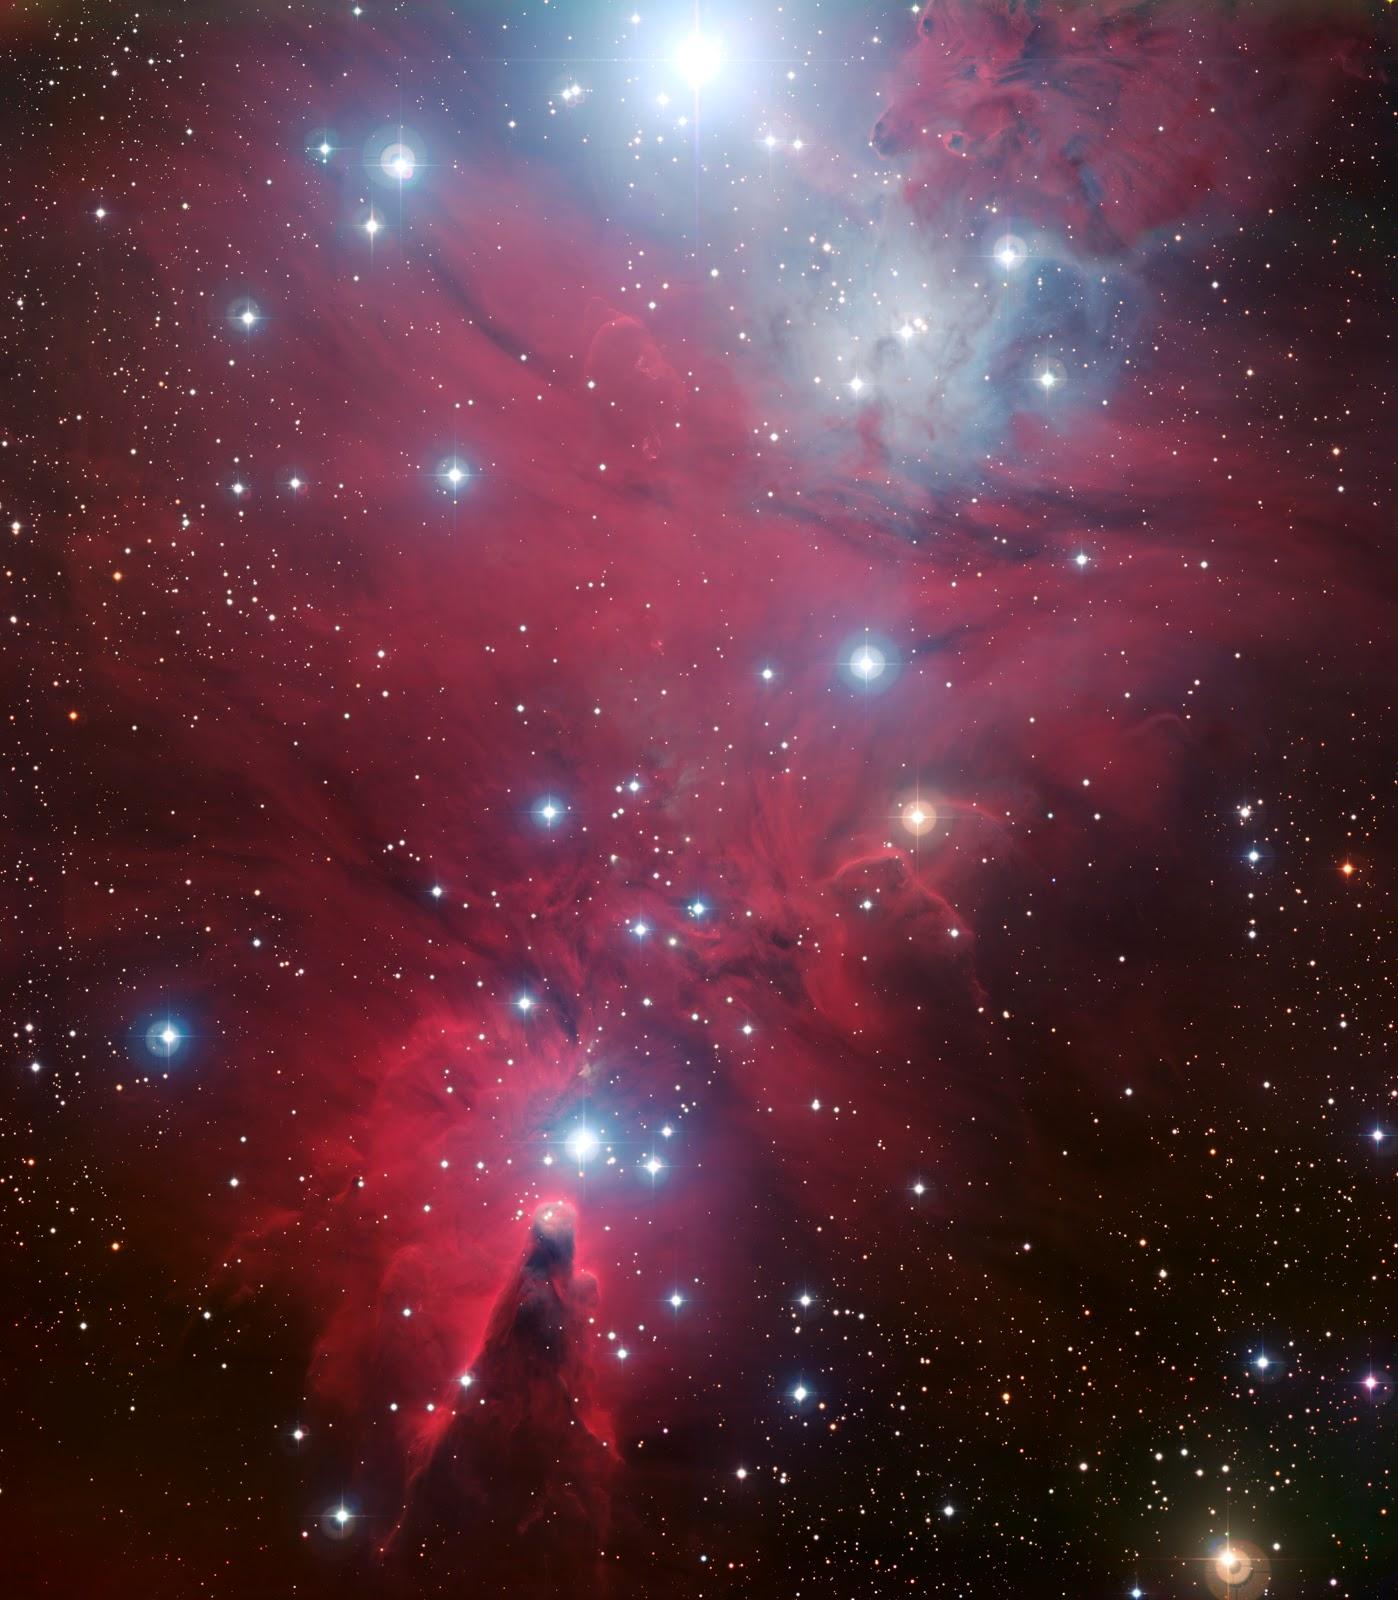 el rbol de navidad se encuentra invertido siendo la estrella que esta justo encima de la nebulosa del cono la cspide del